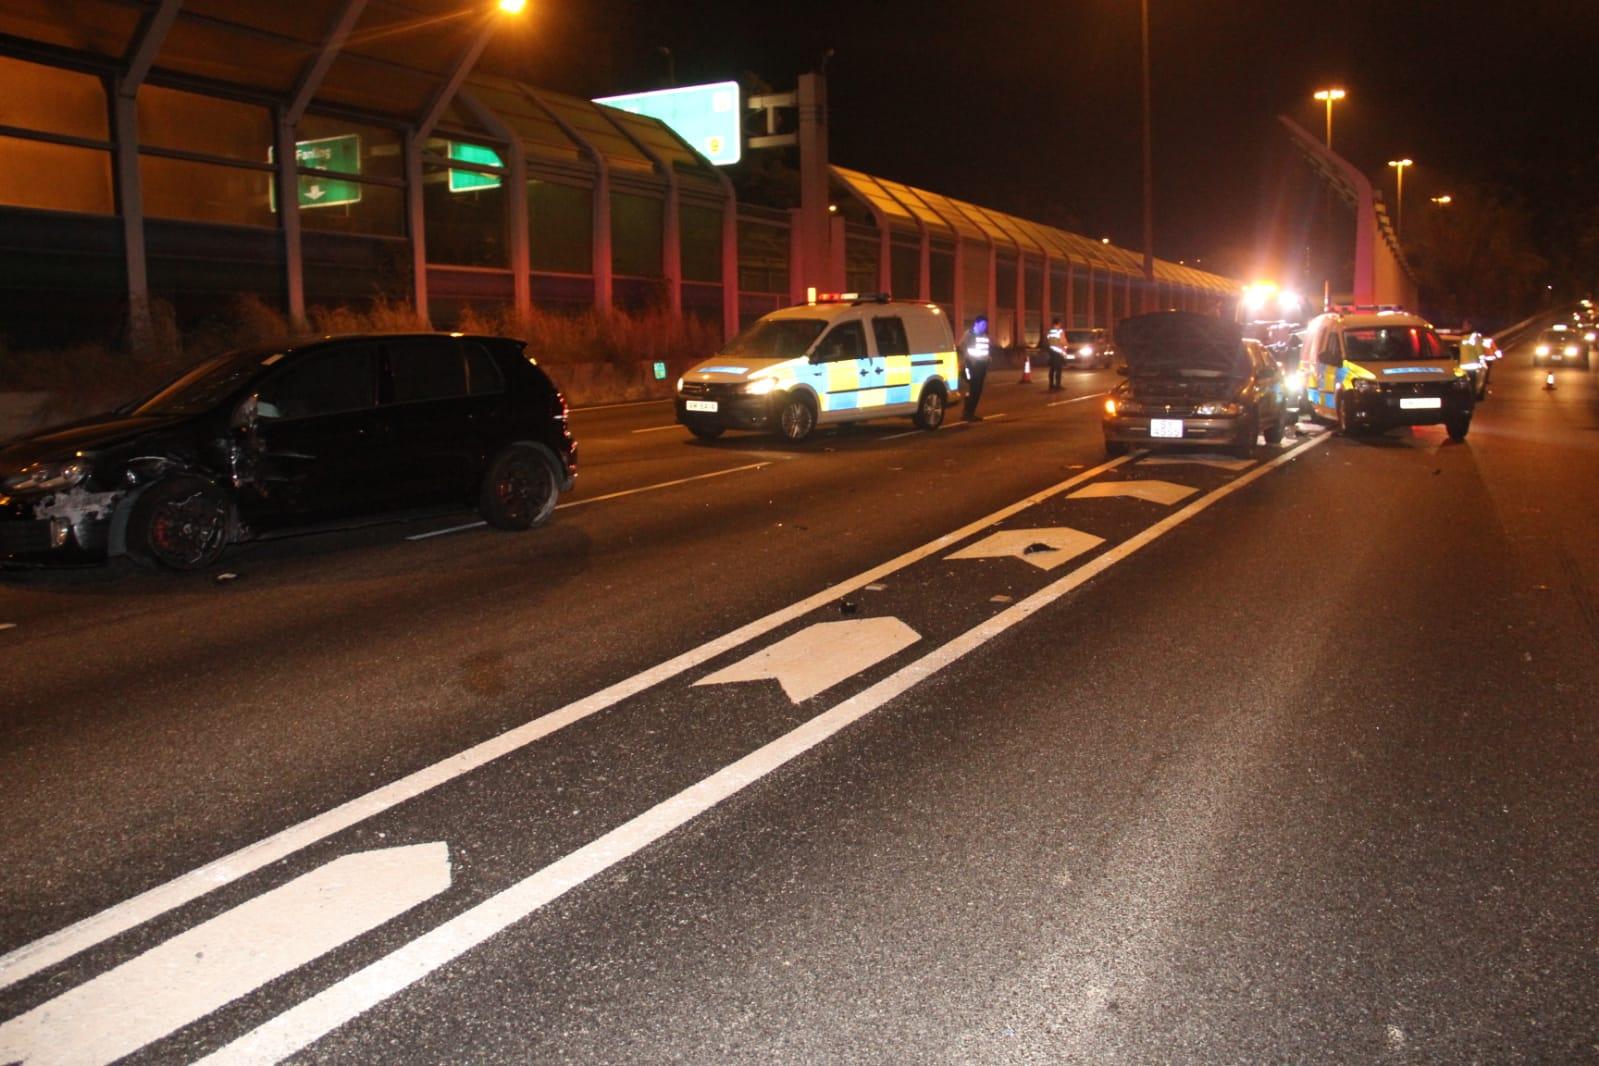 粉岭公路处理坏车 失魂私家车撞警车酿3车串烧